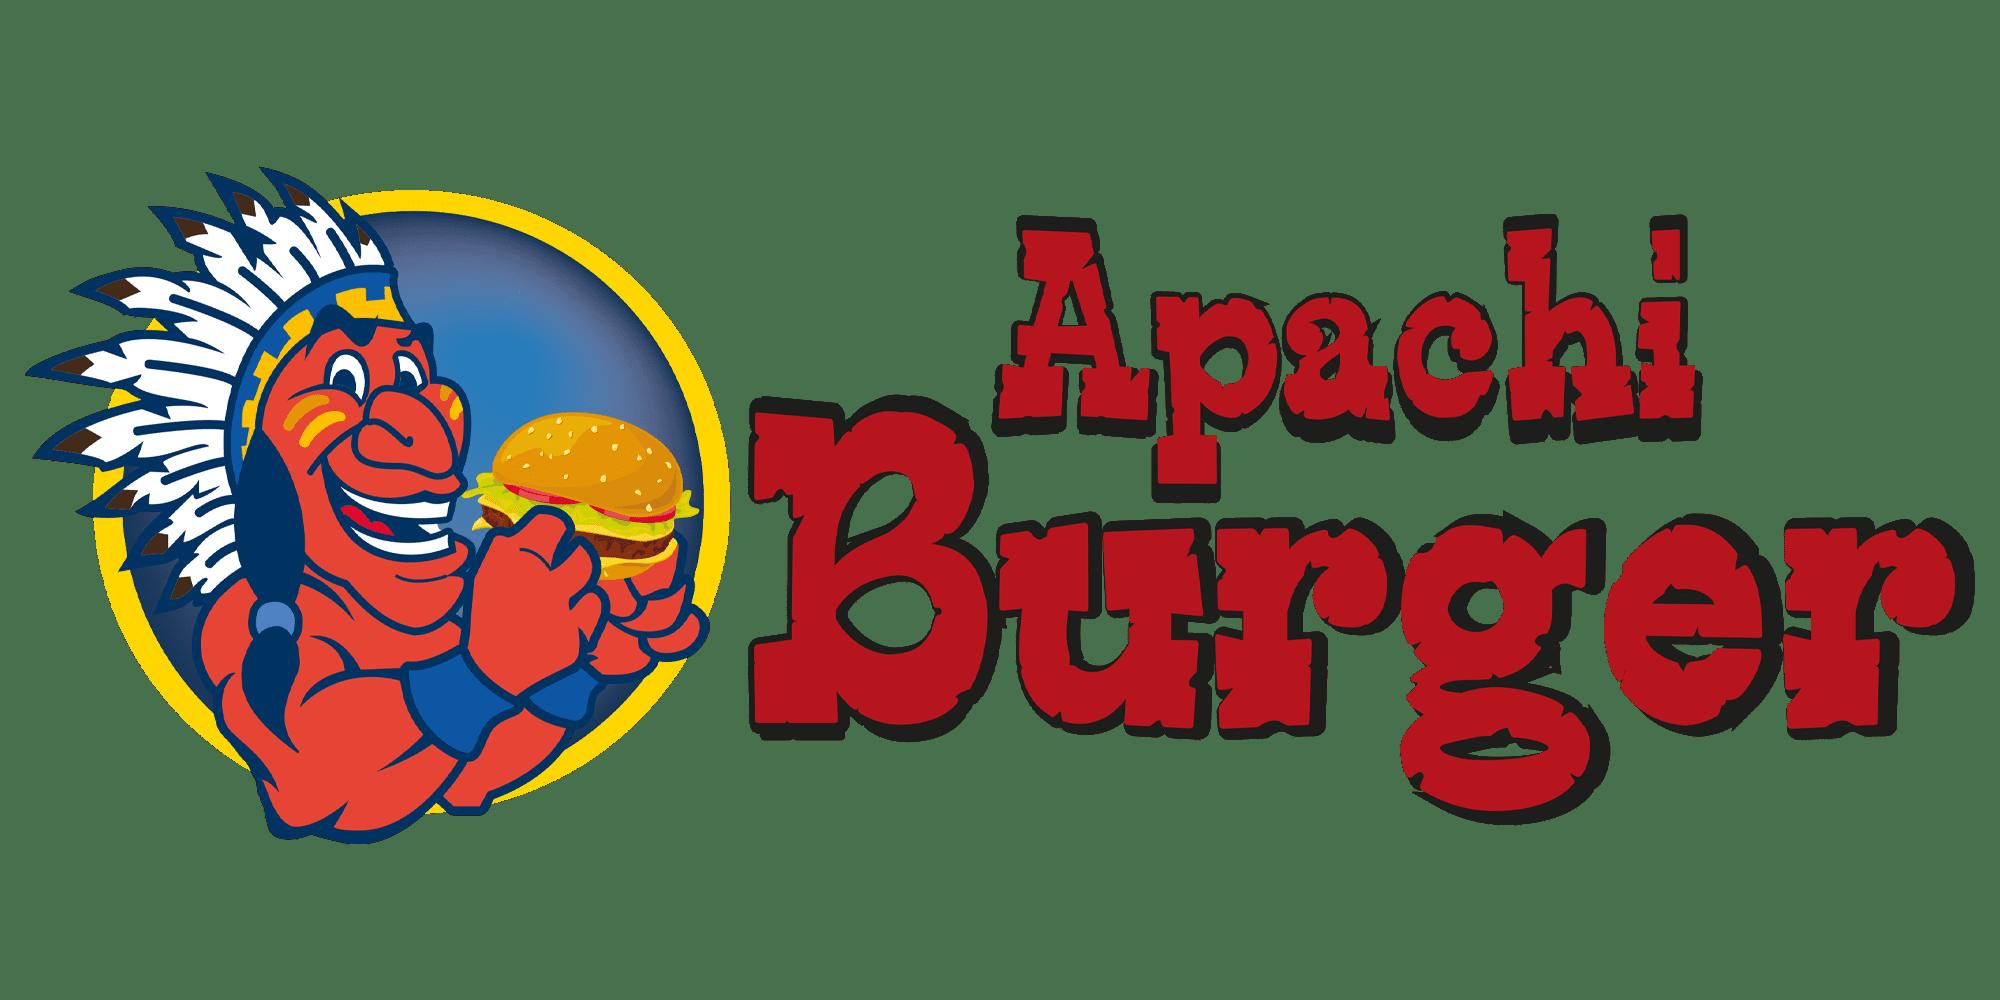 Apachi Burger Ingolstadt